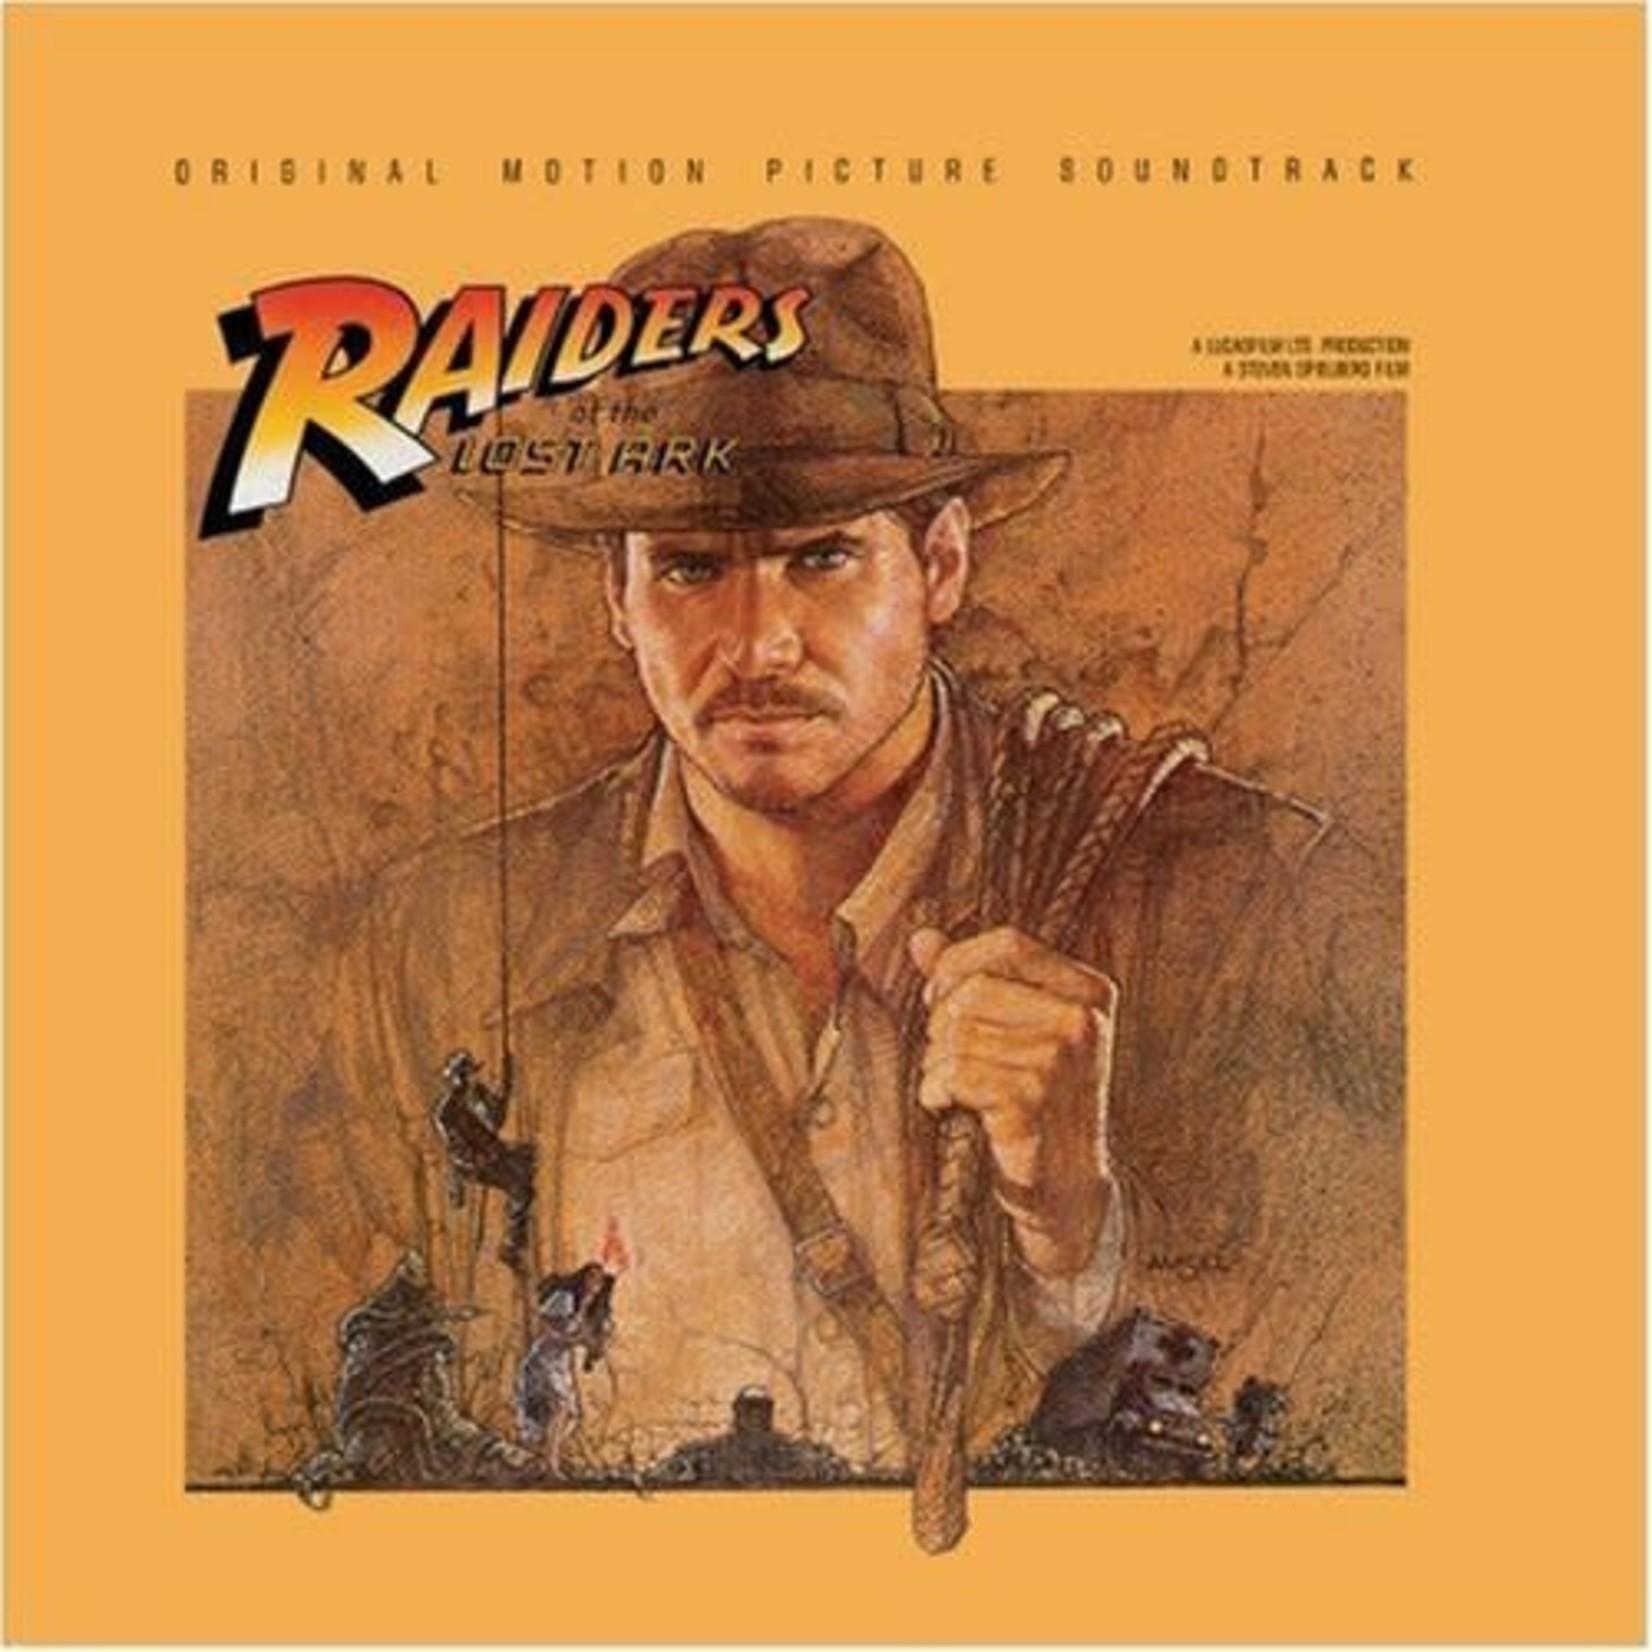 [Vintage] Williams, John: Raiders of the Lost Ark (Soundtrack) (Indiana Jones)